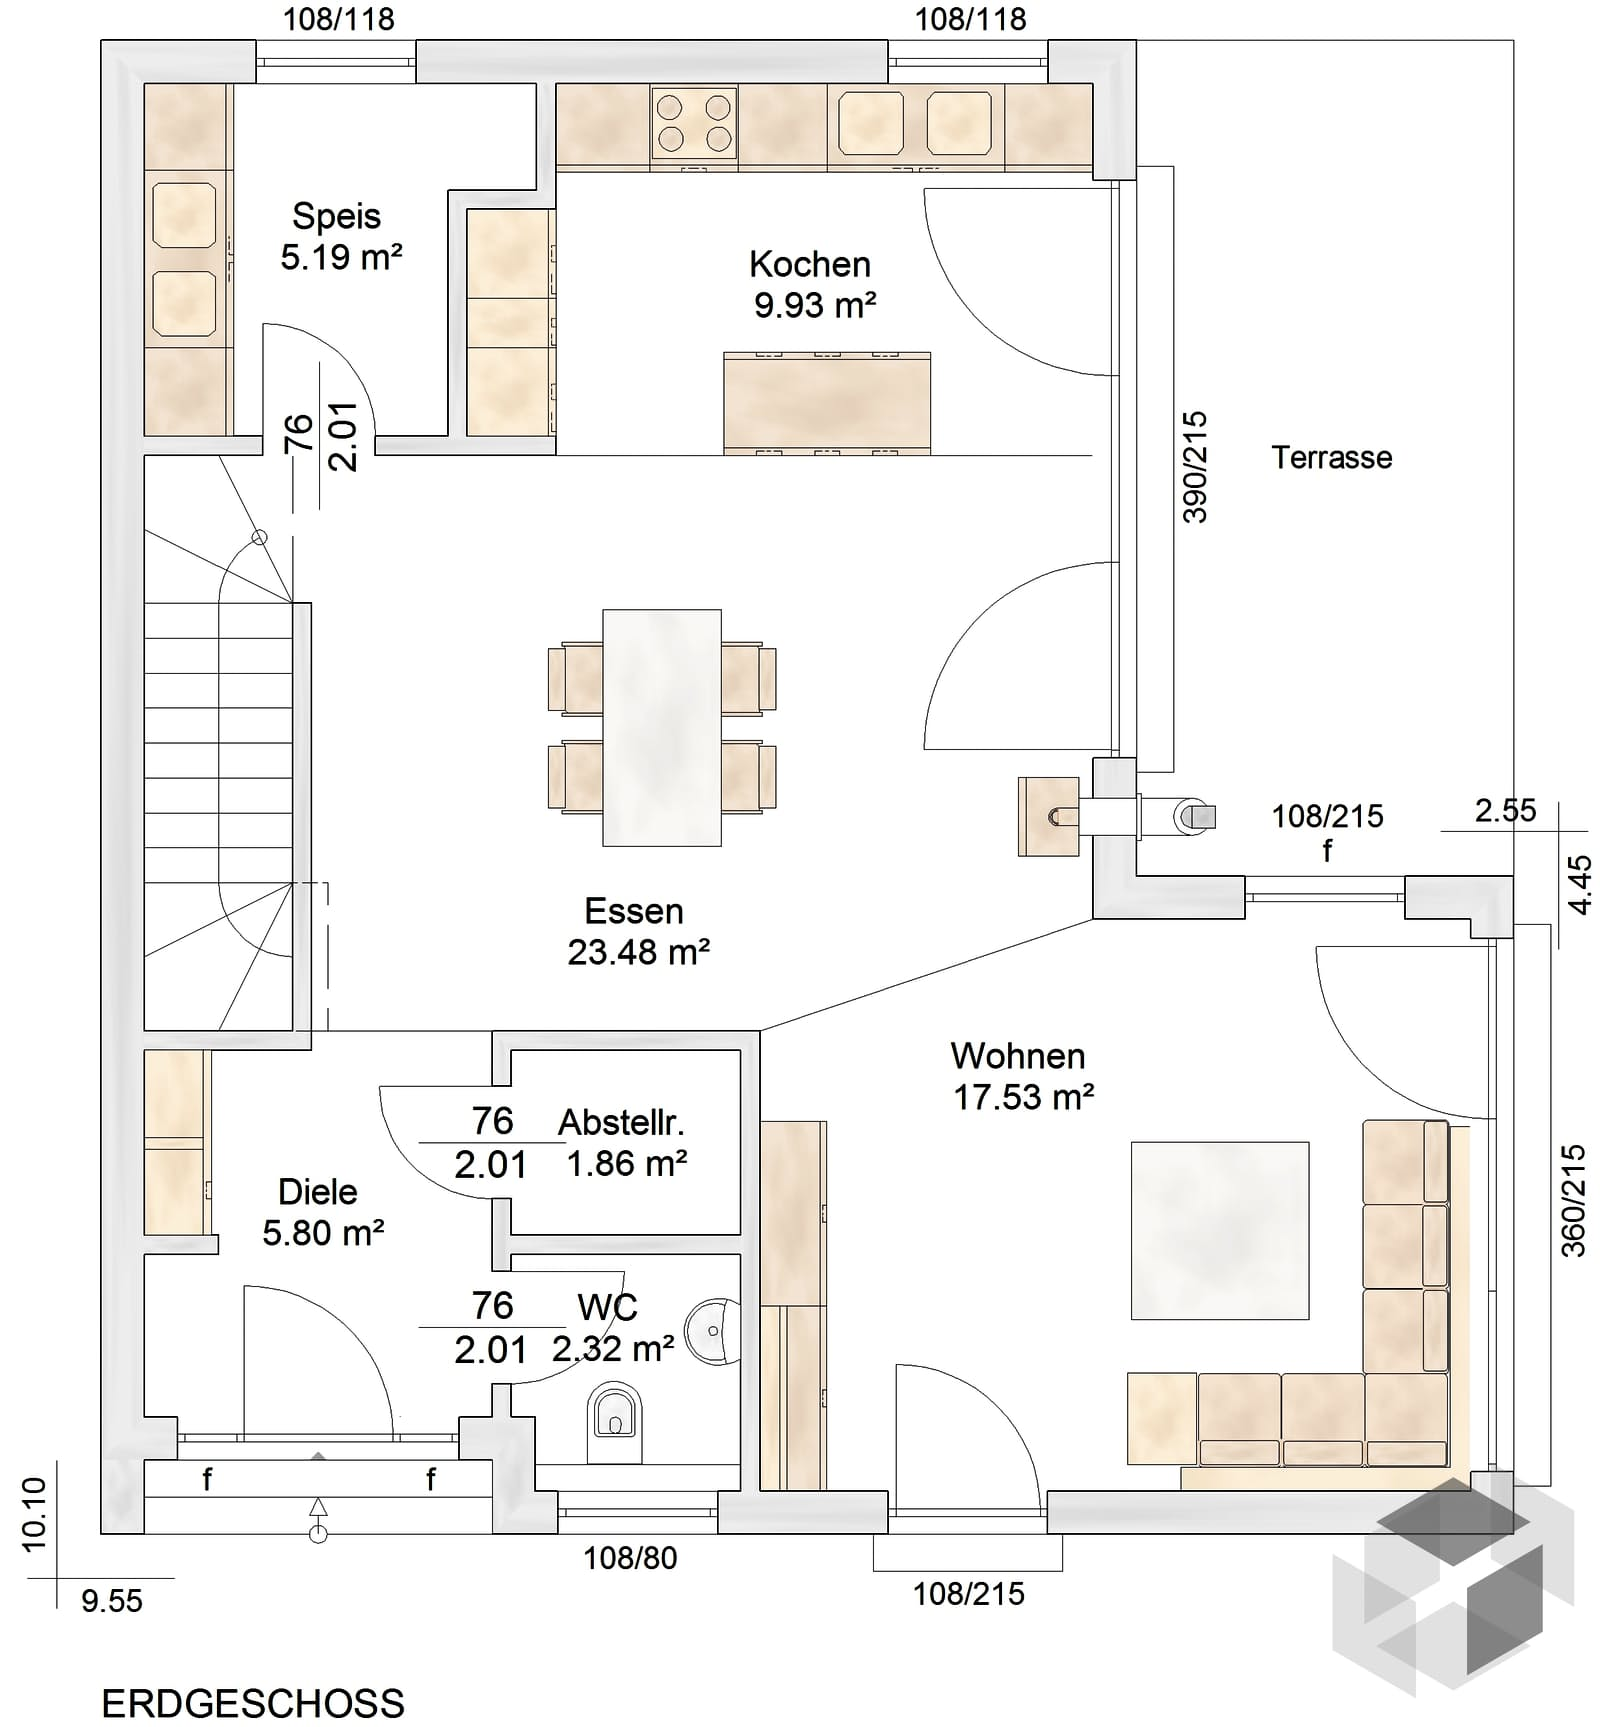 straubenhardt von albert haus komplette daten bersicht. Black Bedroom Furniture Sets. Home Design Ideas